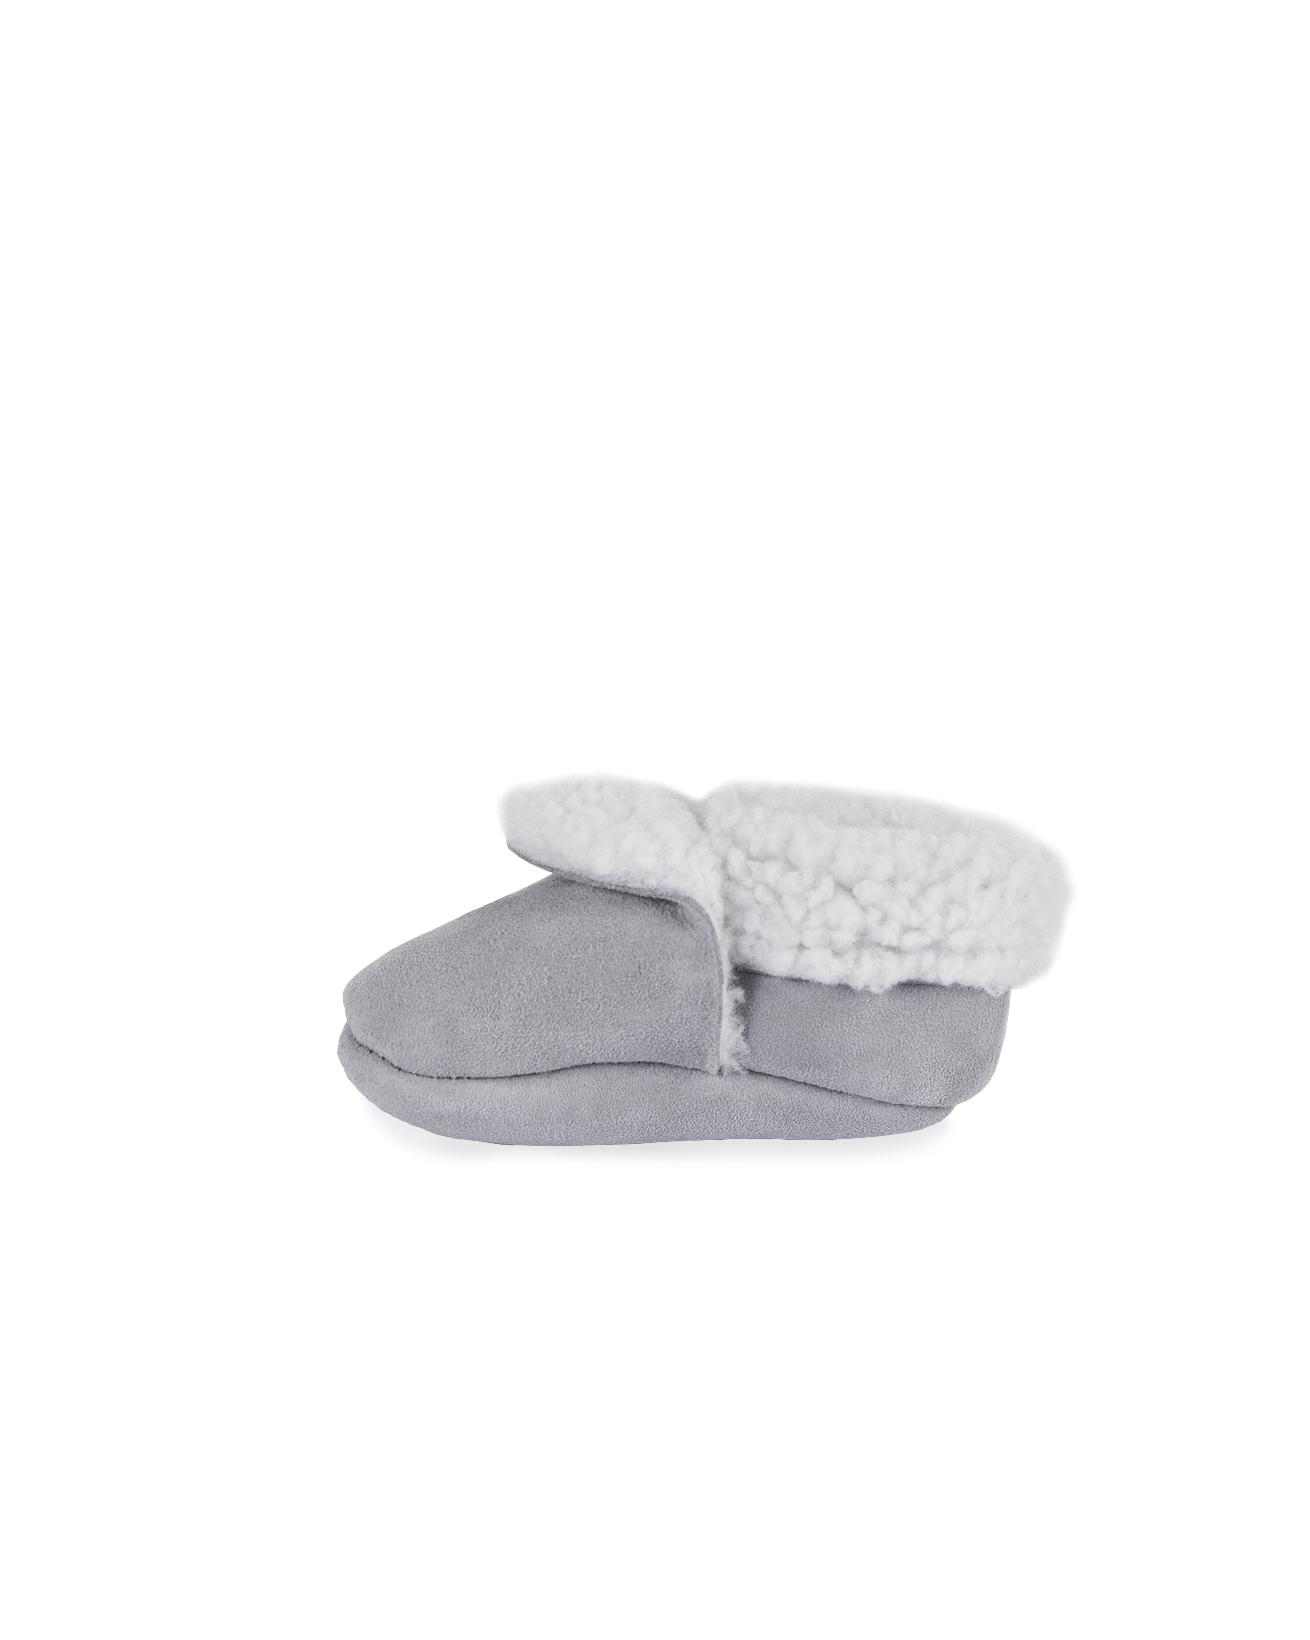 c07e63c8fe2cf Sheepskin Pram Shoes. Double tap to zoom